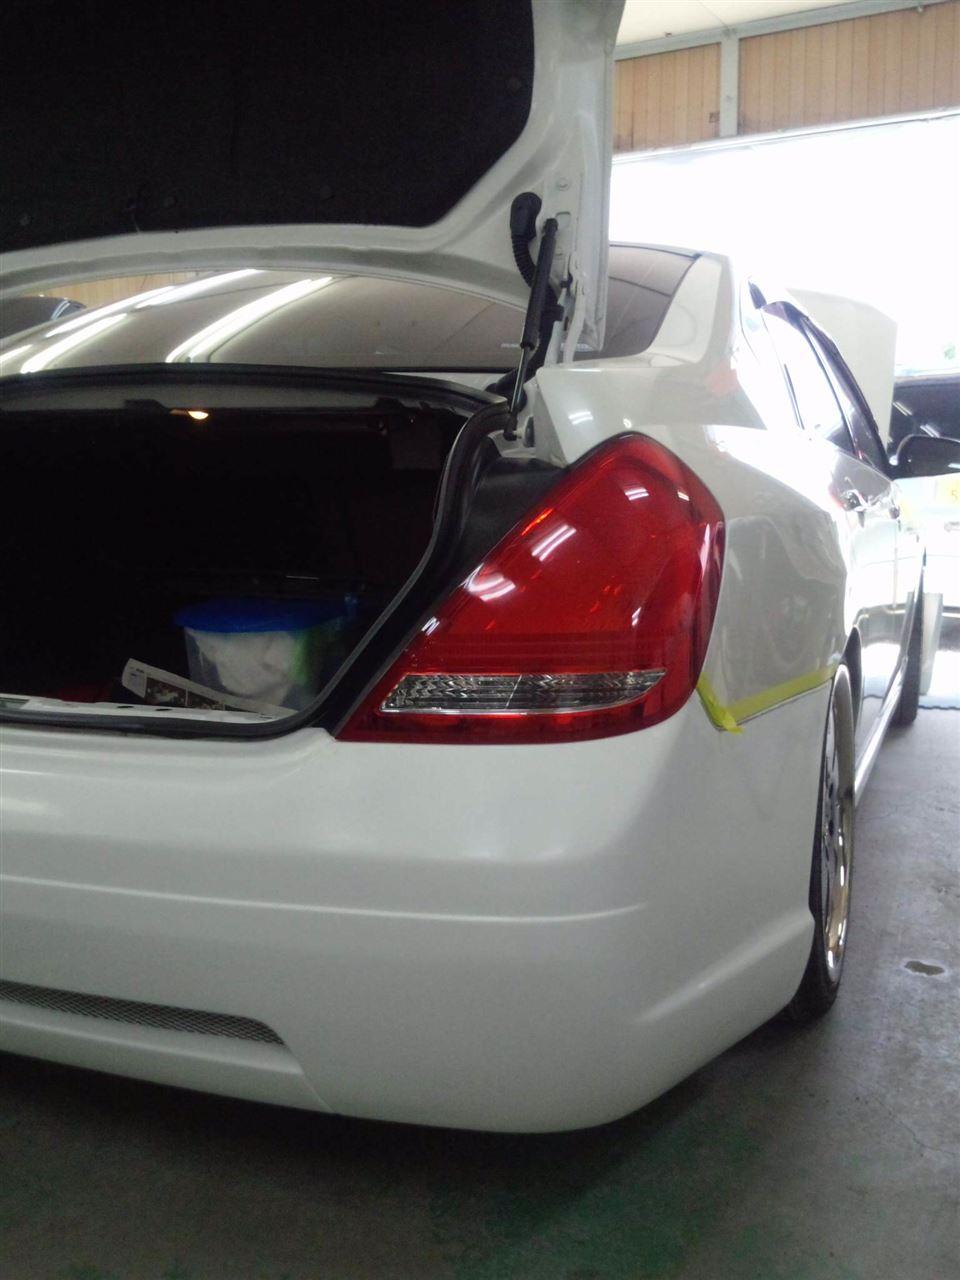 東京都立川市の車の板金塗装修理工場 ガレージローライドの日産 ティアナのエアロパーツ塗装 取り付け です。